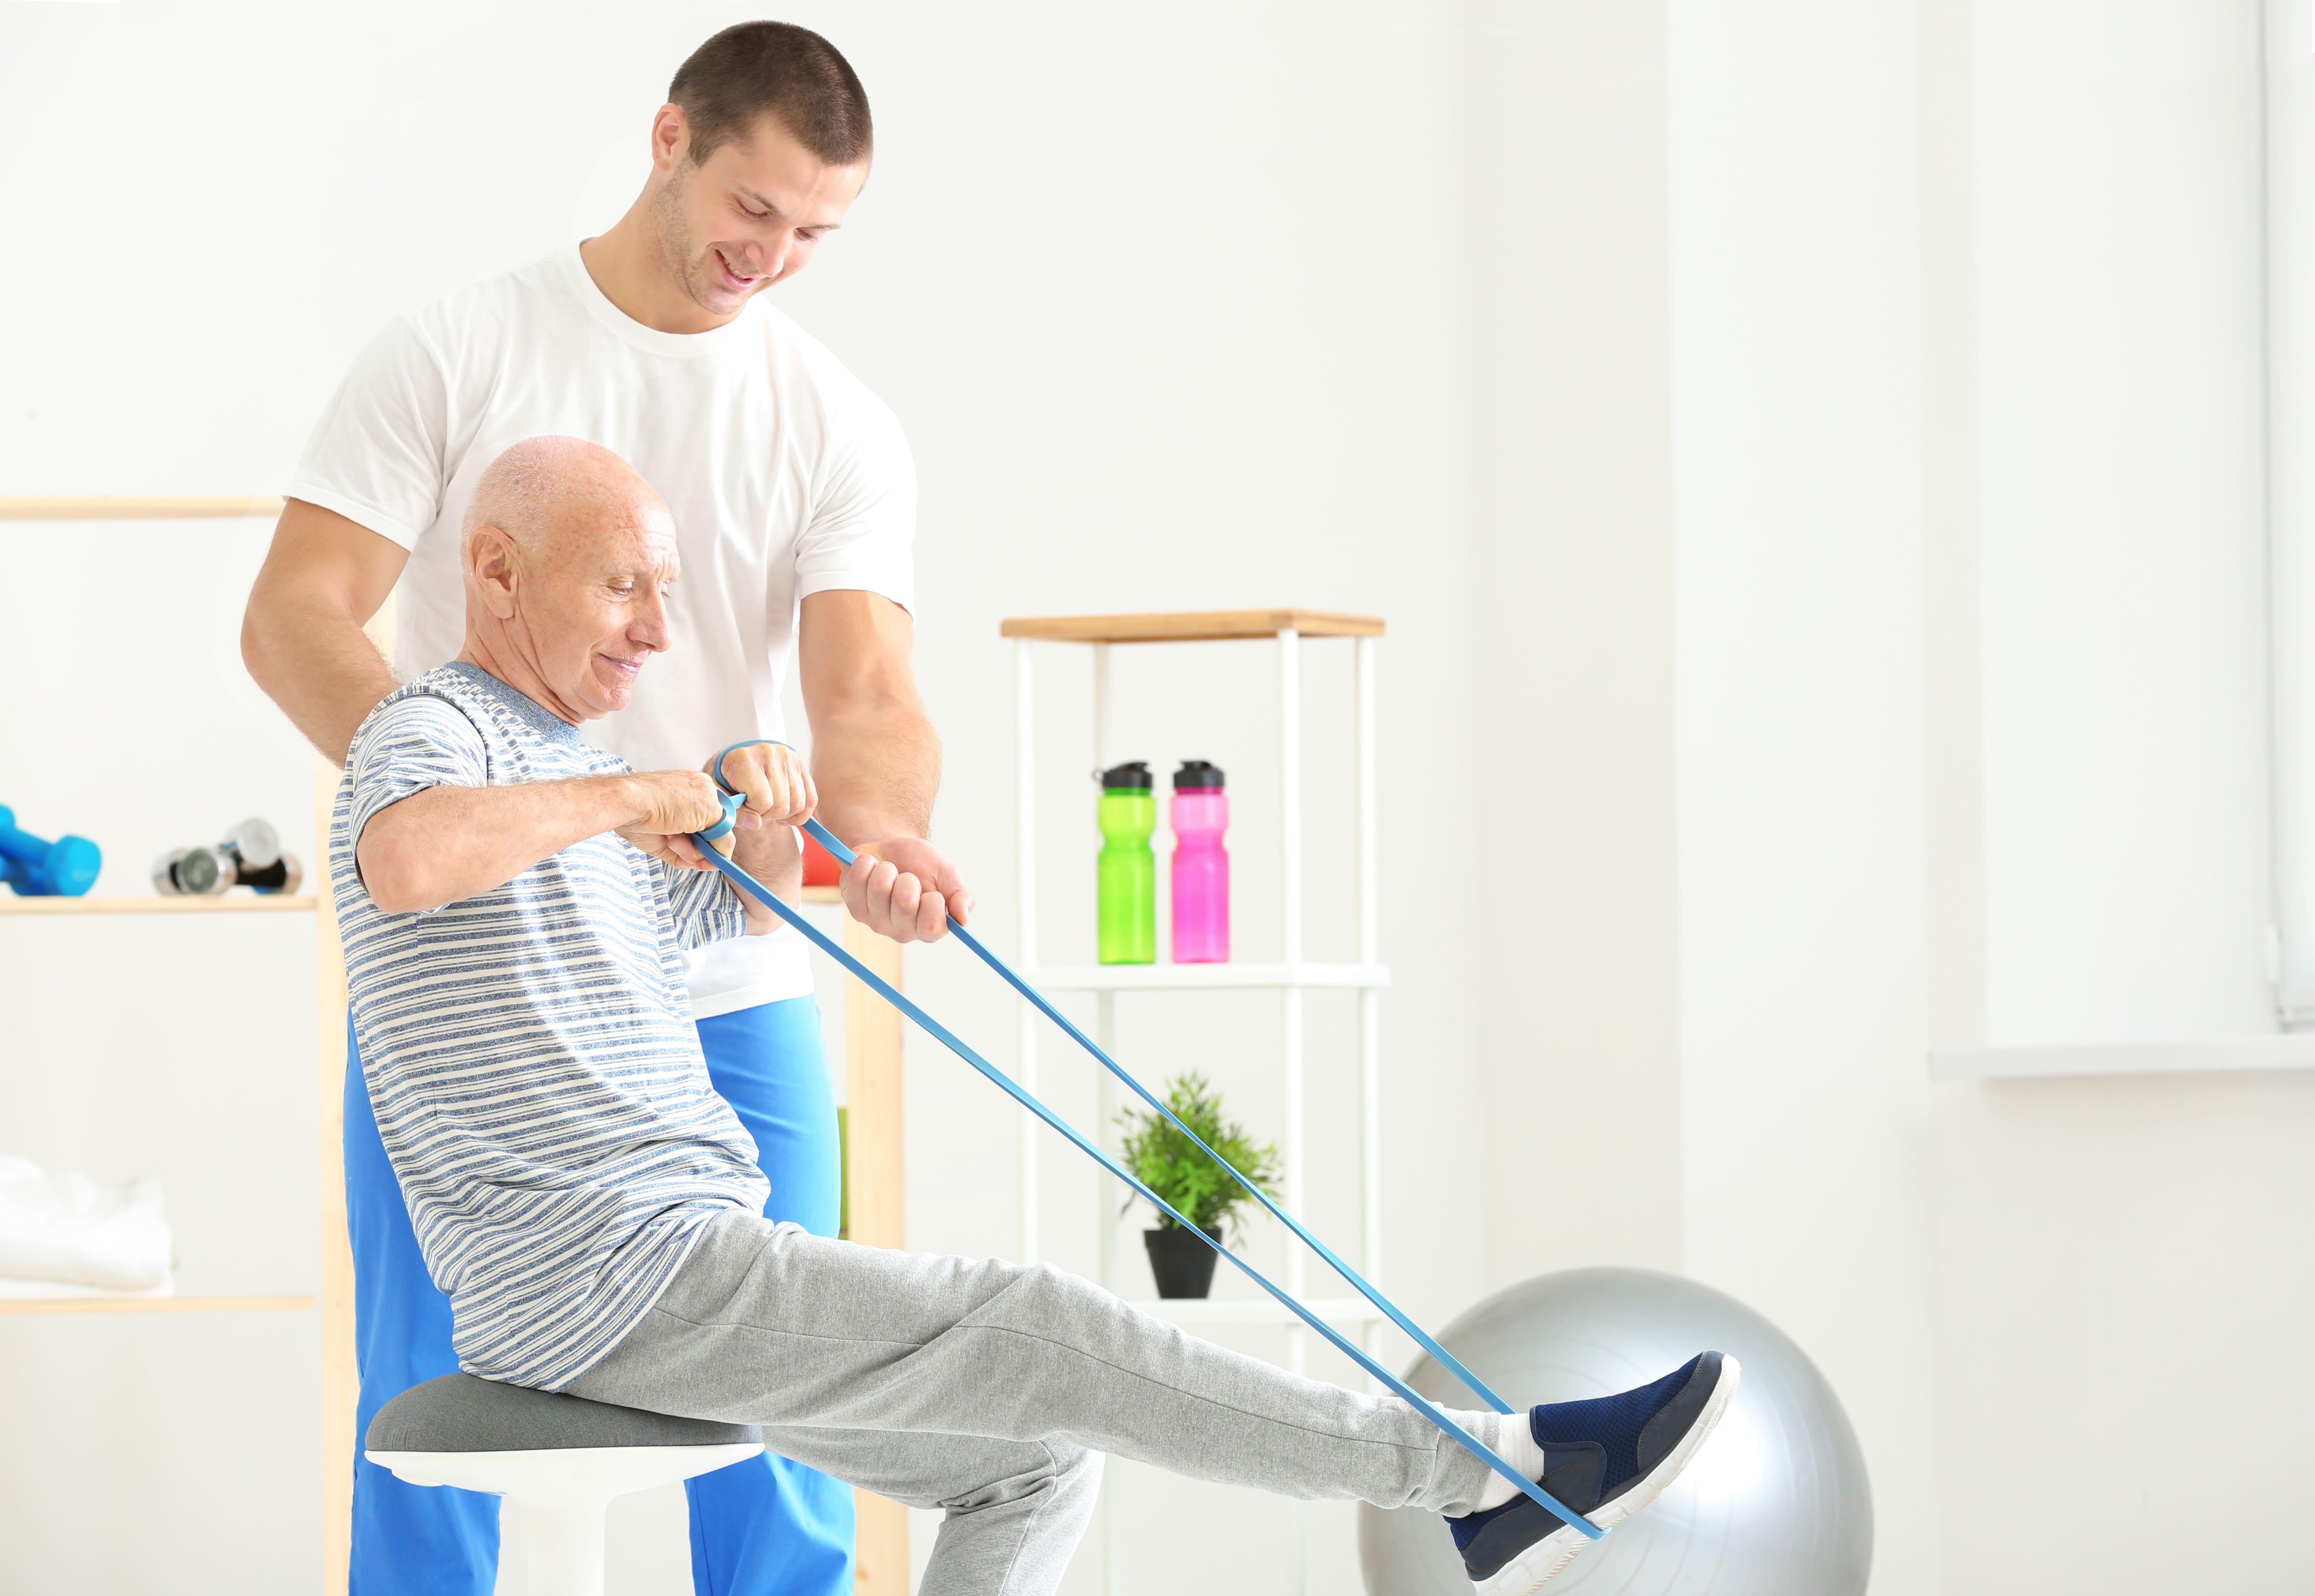 Imagem de um profissional exercendo a profissão depois que ele desejou abrir uma clínica de fisioterapia